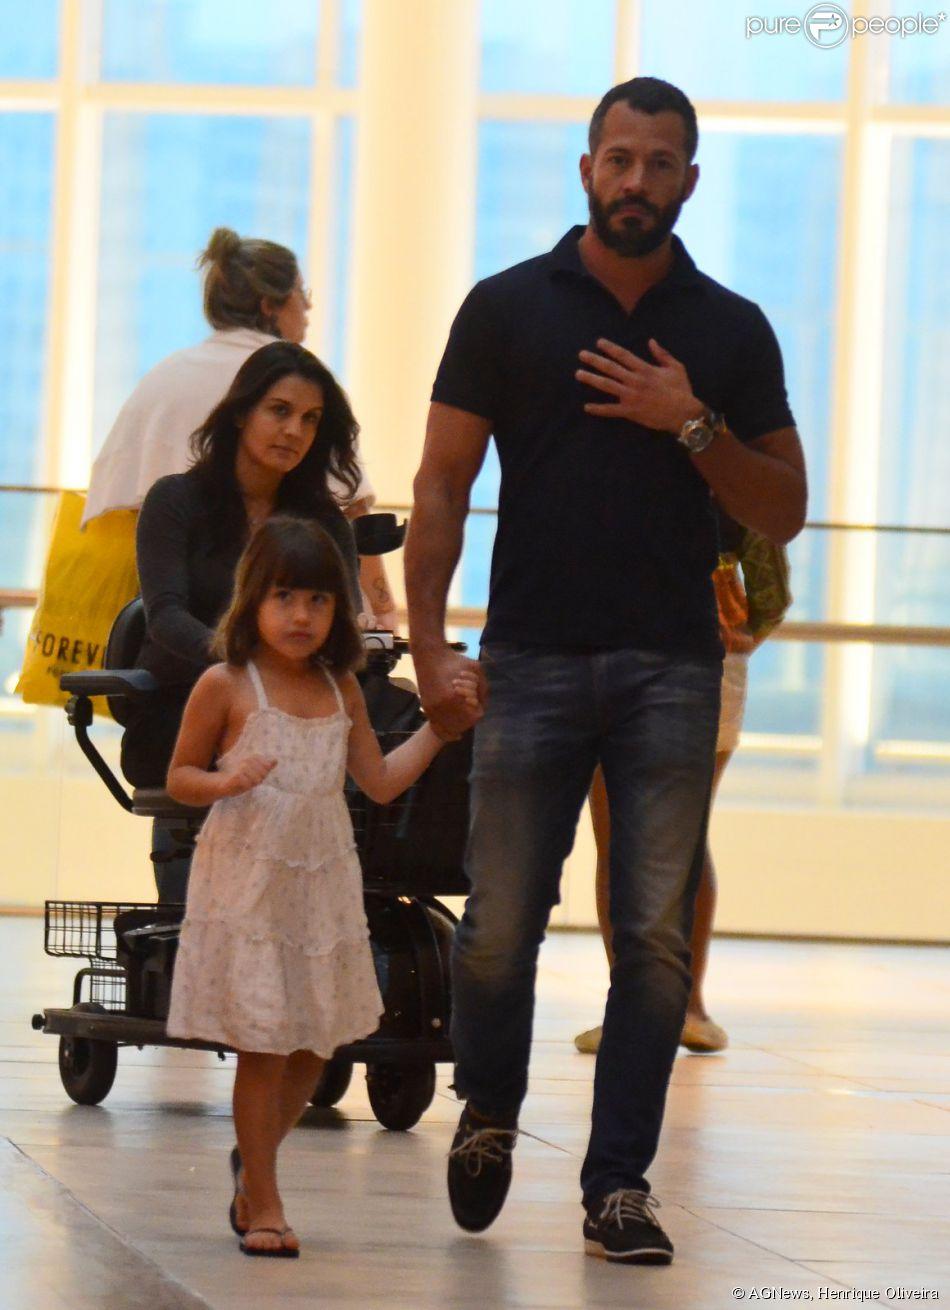 Malvino Salvador foi ao shopping Rio Design, na Barra da Tijuca, Zona Oeste do Rio de Janeiro, acompanhado da filha, Sofia, e da namorada, Kyra Gracie, nesta quinta-feira, 10 de julho de 2014